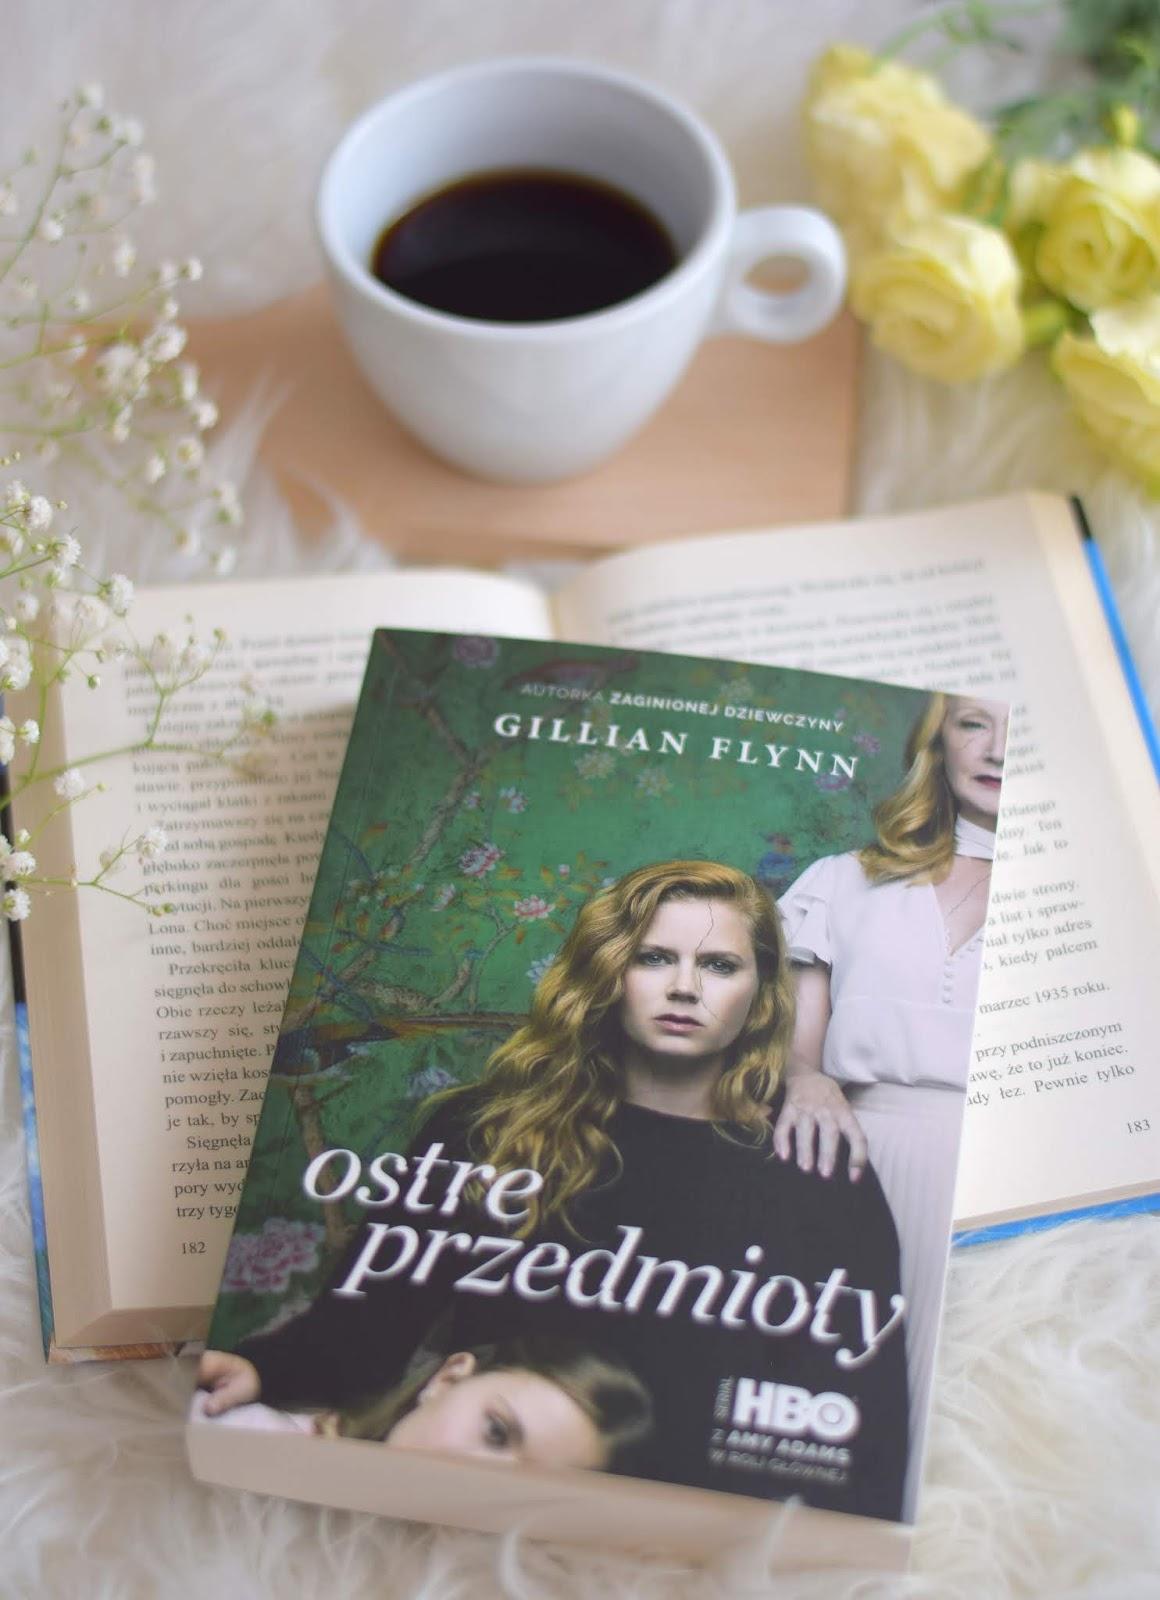 Gillian Flynn, Ostre przedmioty